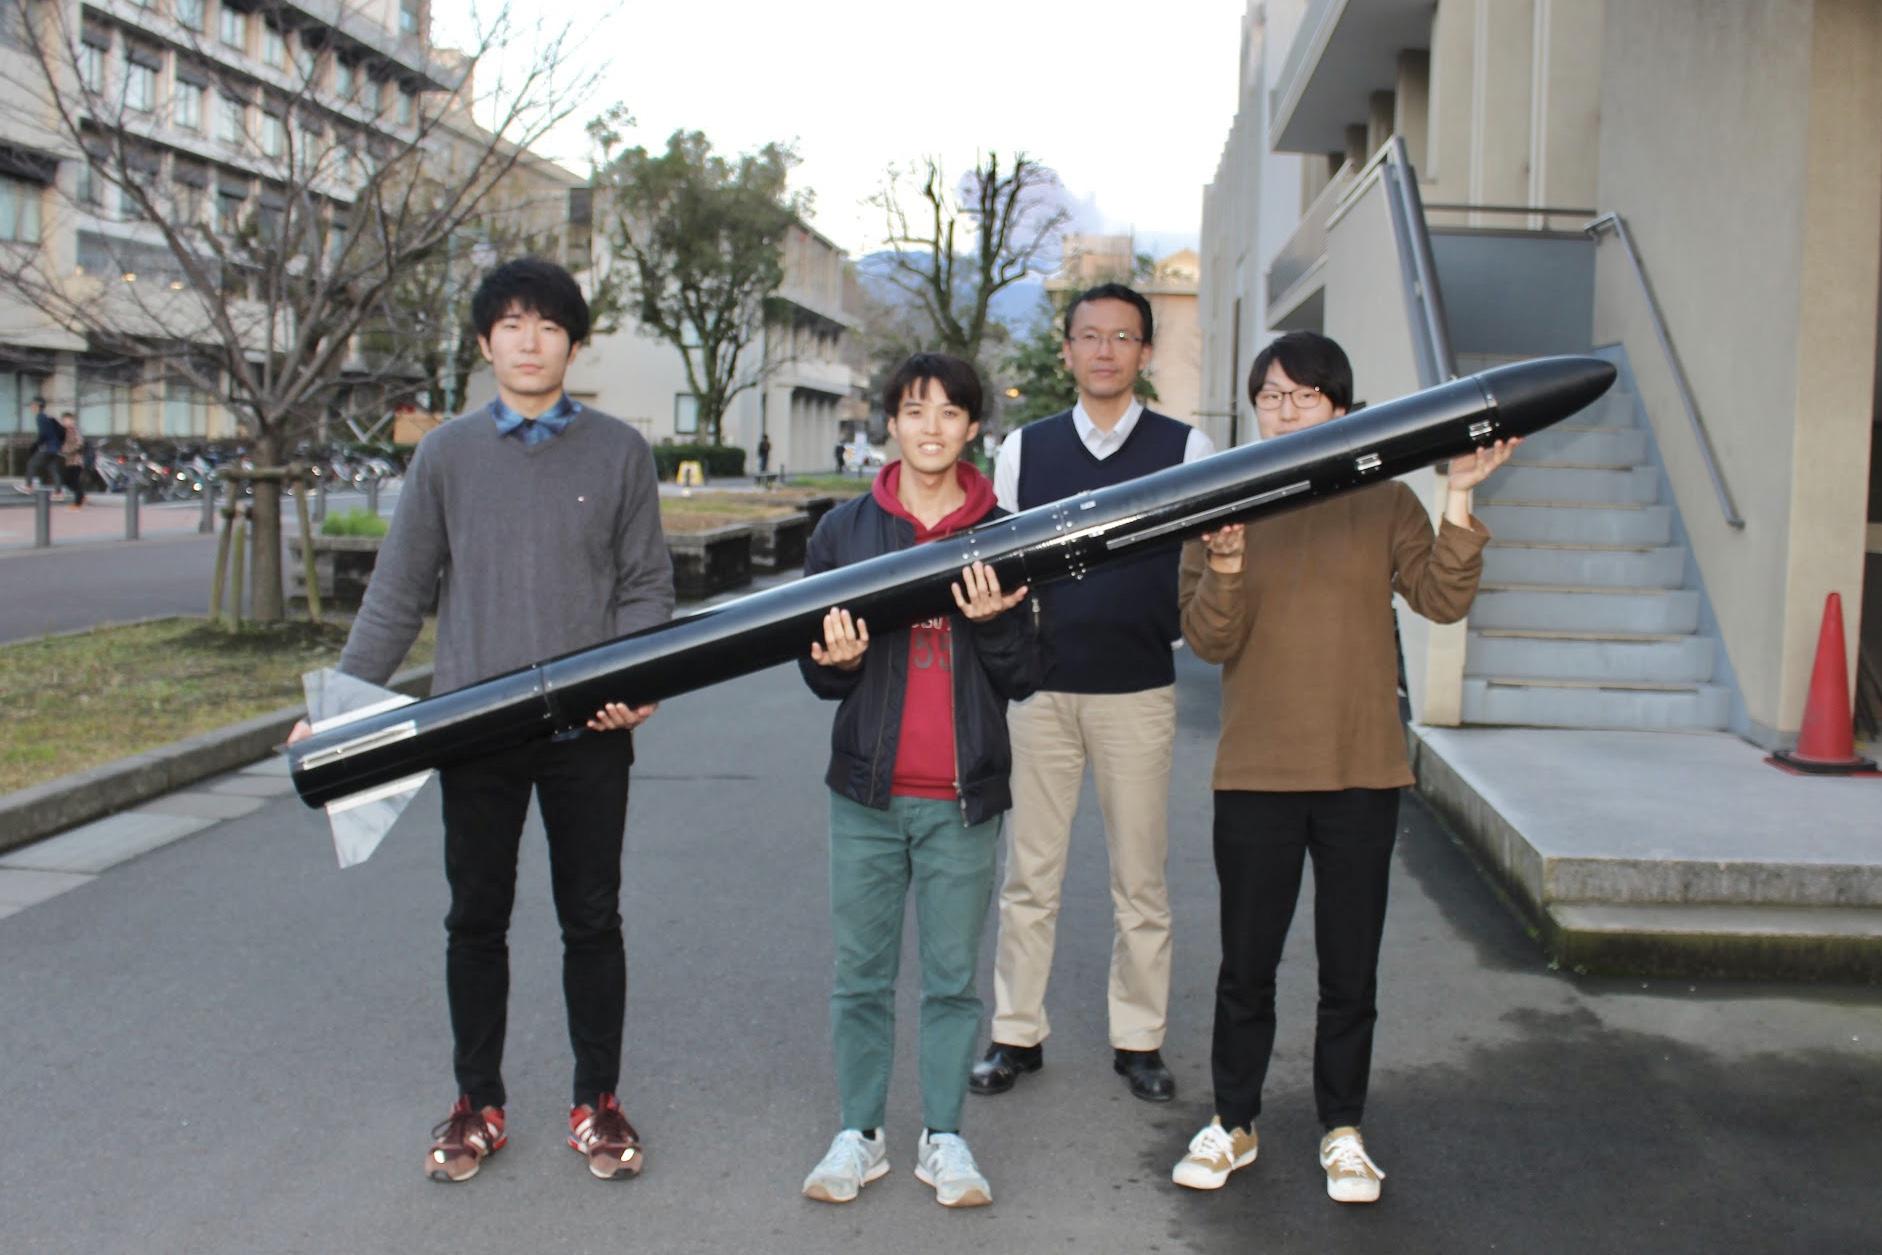 【23号うちゅうけん!スピンオフ】ロケットの地産地昇!?(初号機飛翔編)